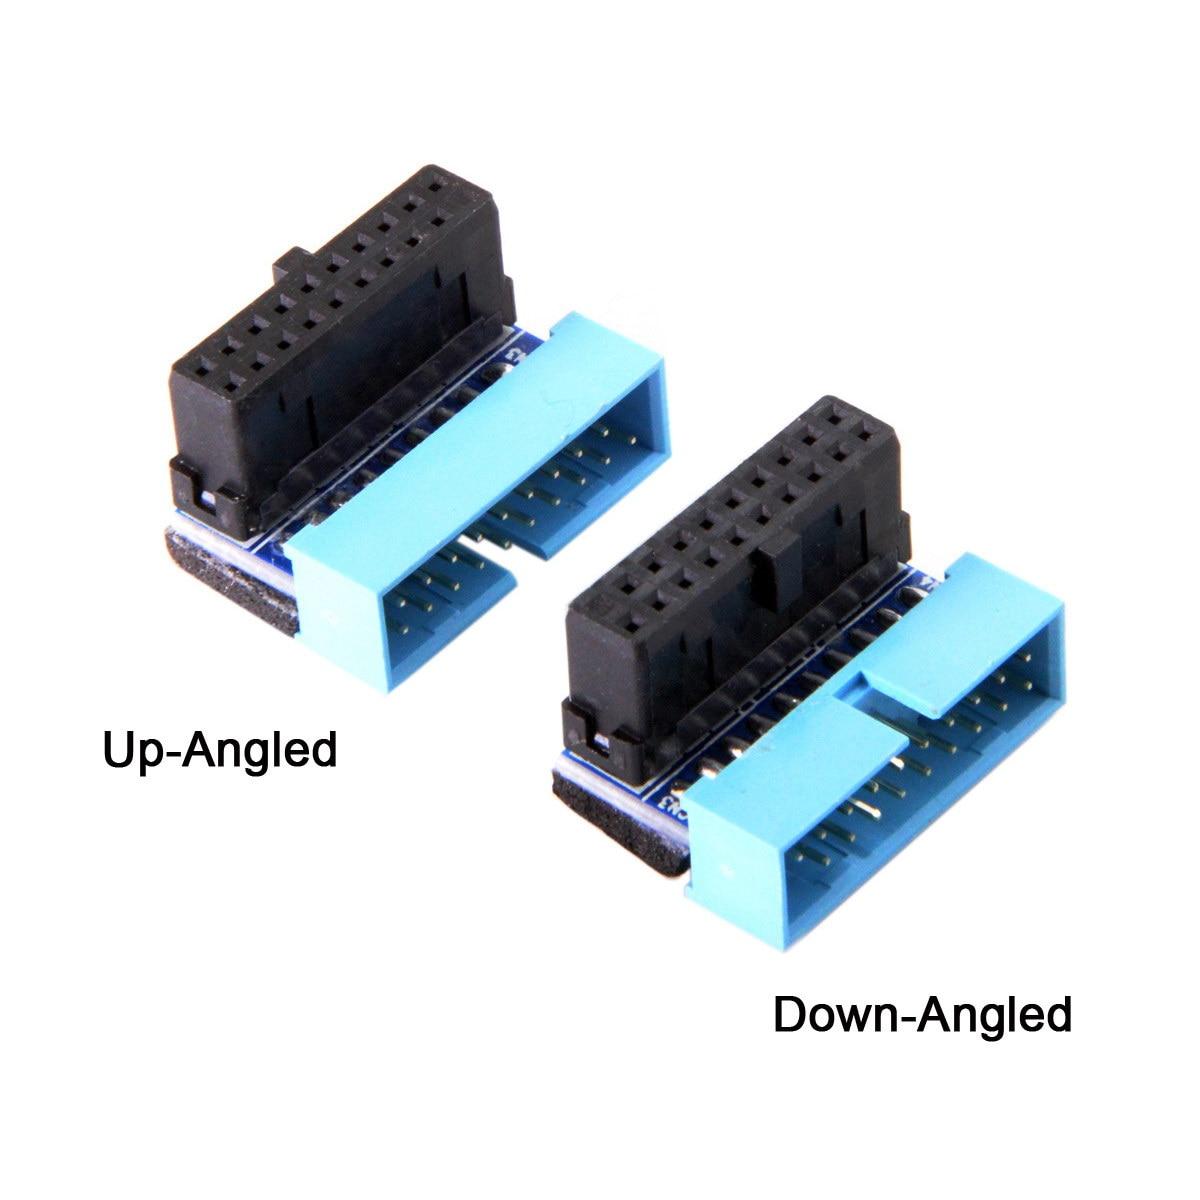 Xiwai USB 3,0 20pin adaptador de extensión para DELL HP Lenovo USB3 placa base arriba angulada abajo angulada 90 grados macho a hembra